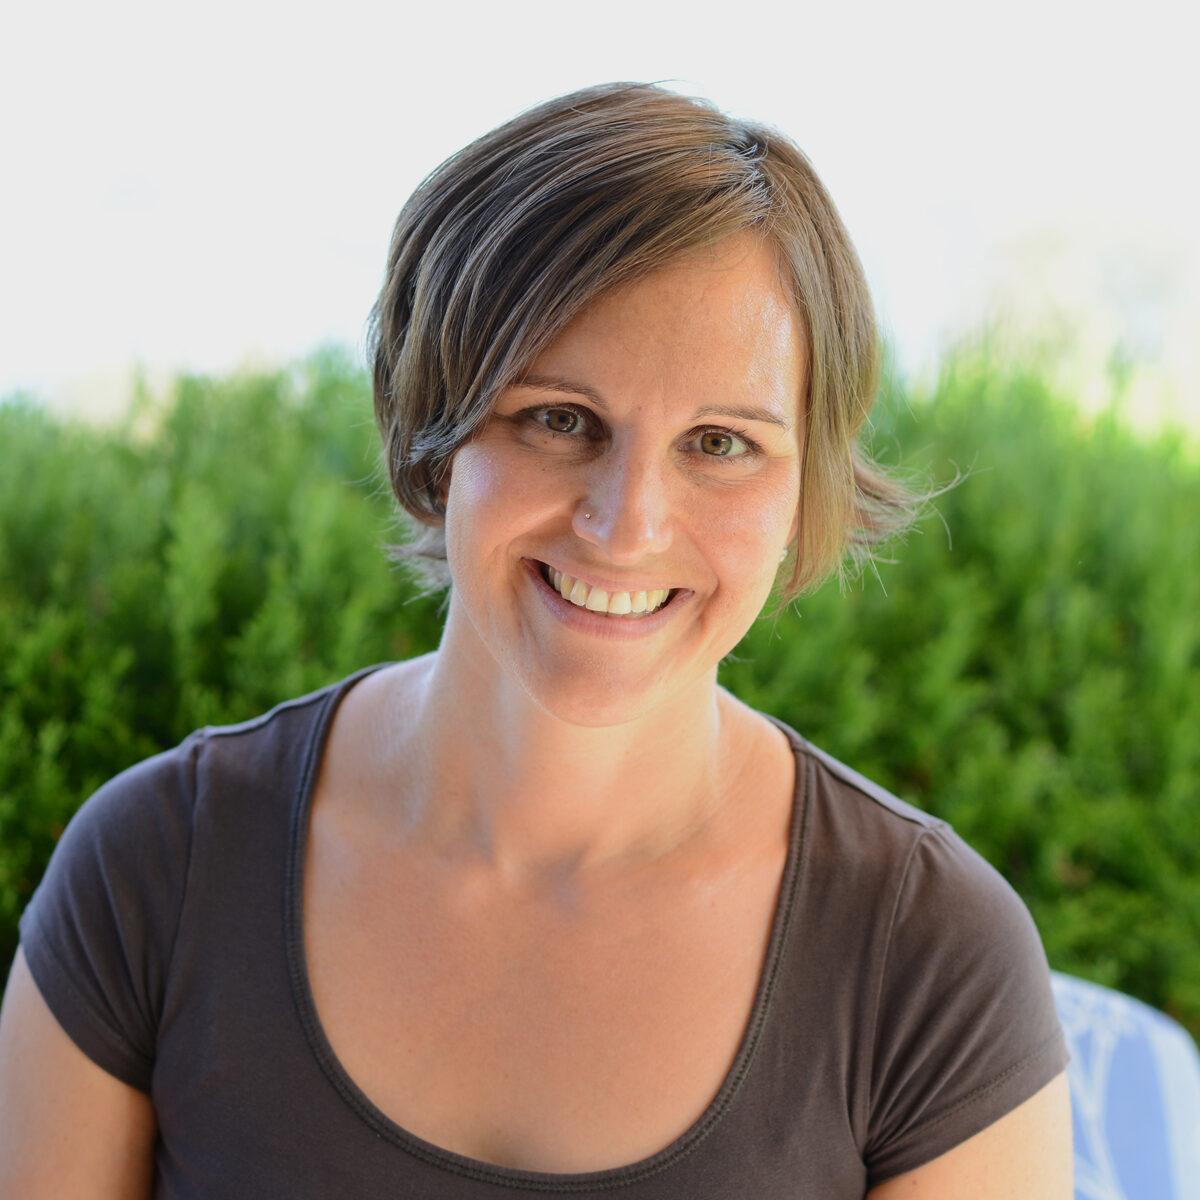 Heidi Klauser